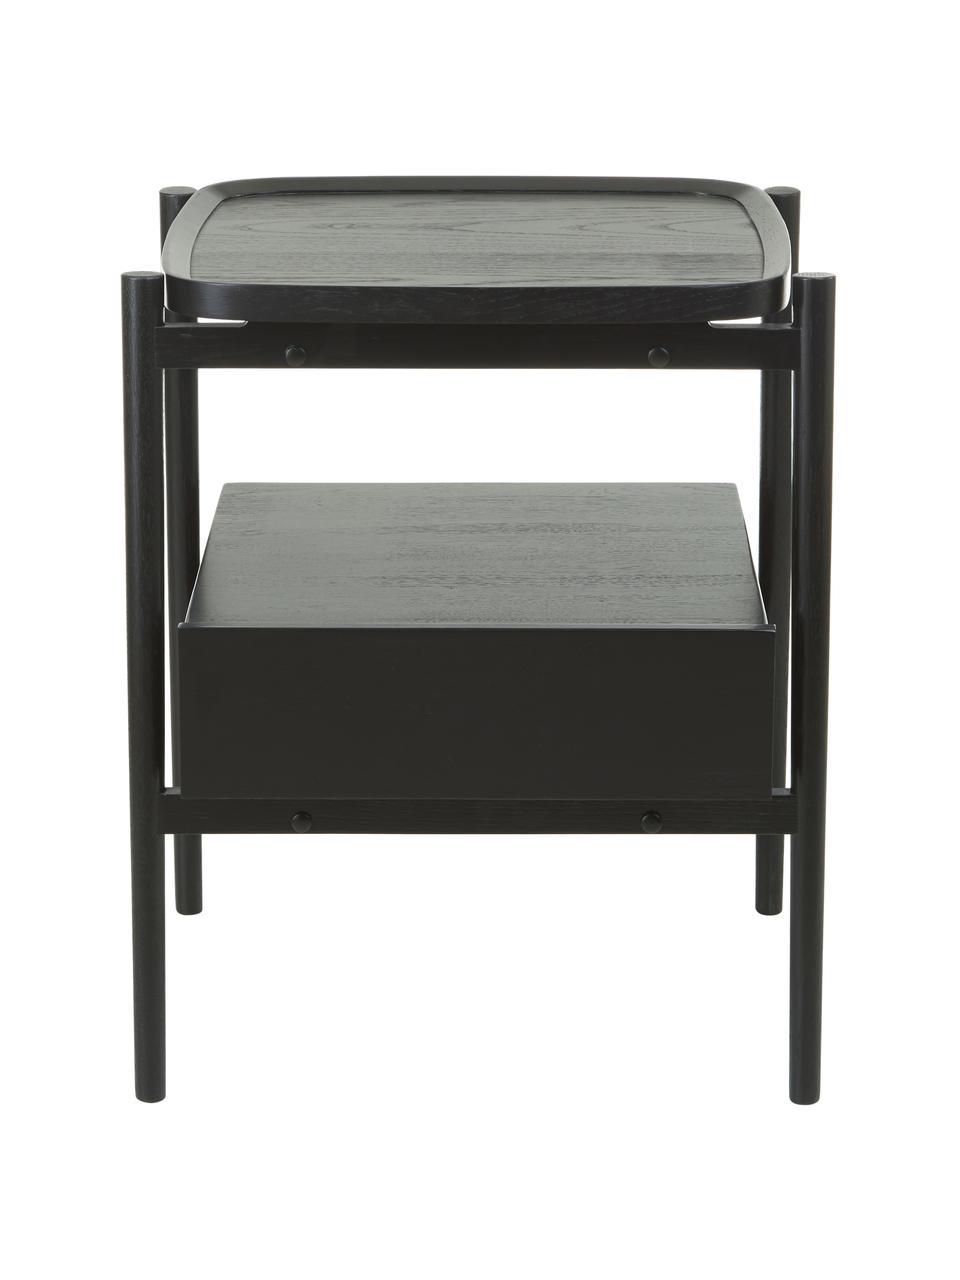 Nachttisch Libby mit Schublade, Eichenholz schwarz lackiert, Ablagefläche: Mitteldichte Holzfaserpla, Schwarz, 49 x 60 cm